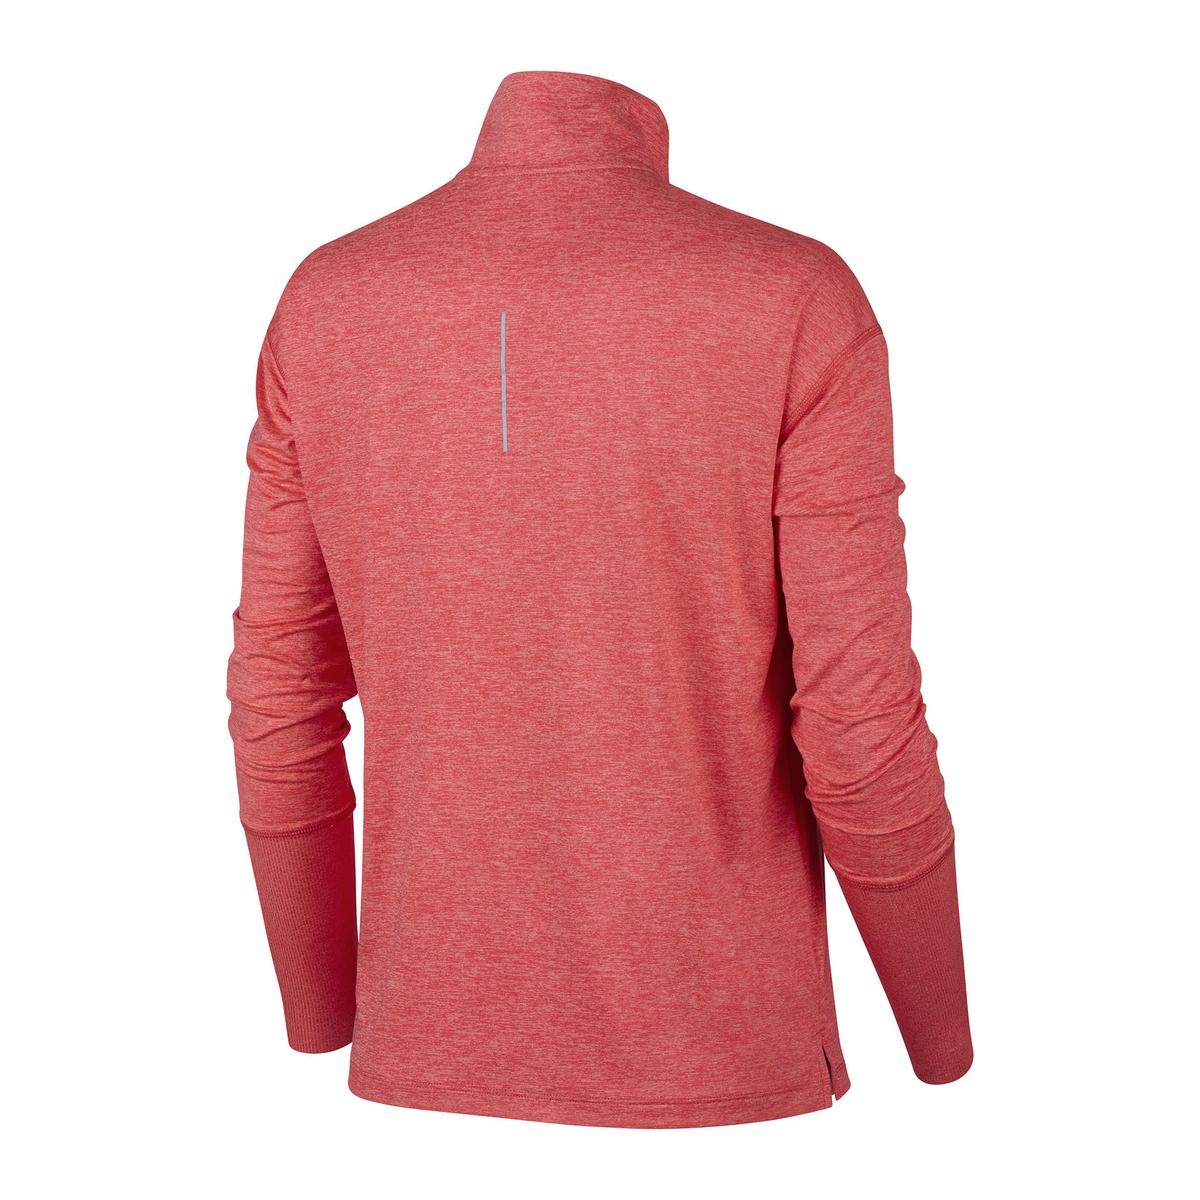 Imagen secundaria de producto de Camiseta de manga larga con cremallera - Nike